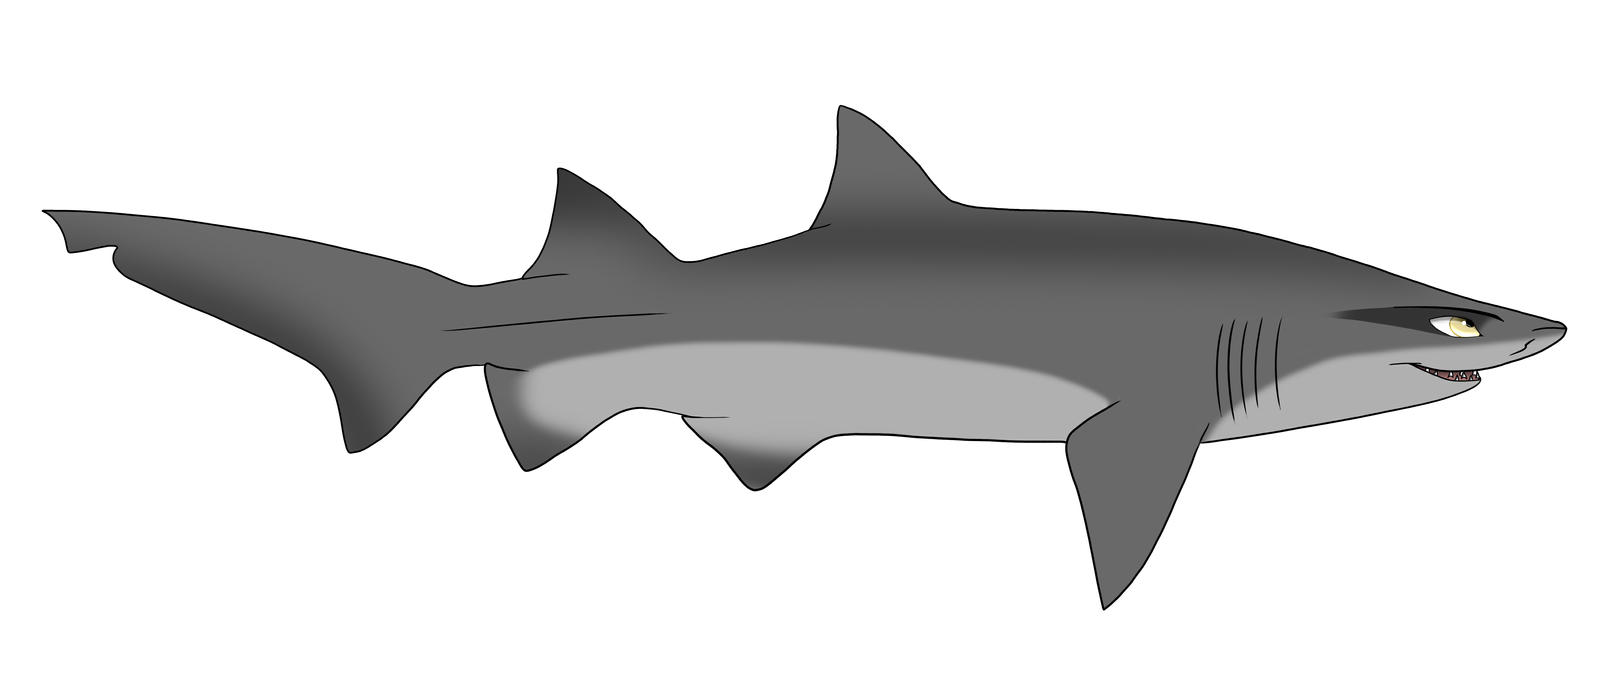 Uncategorized Tiger Shark Drawing david the sand tiger shark by zavraan on deviantart zavraan